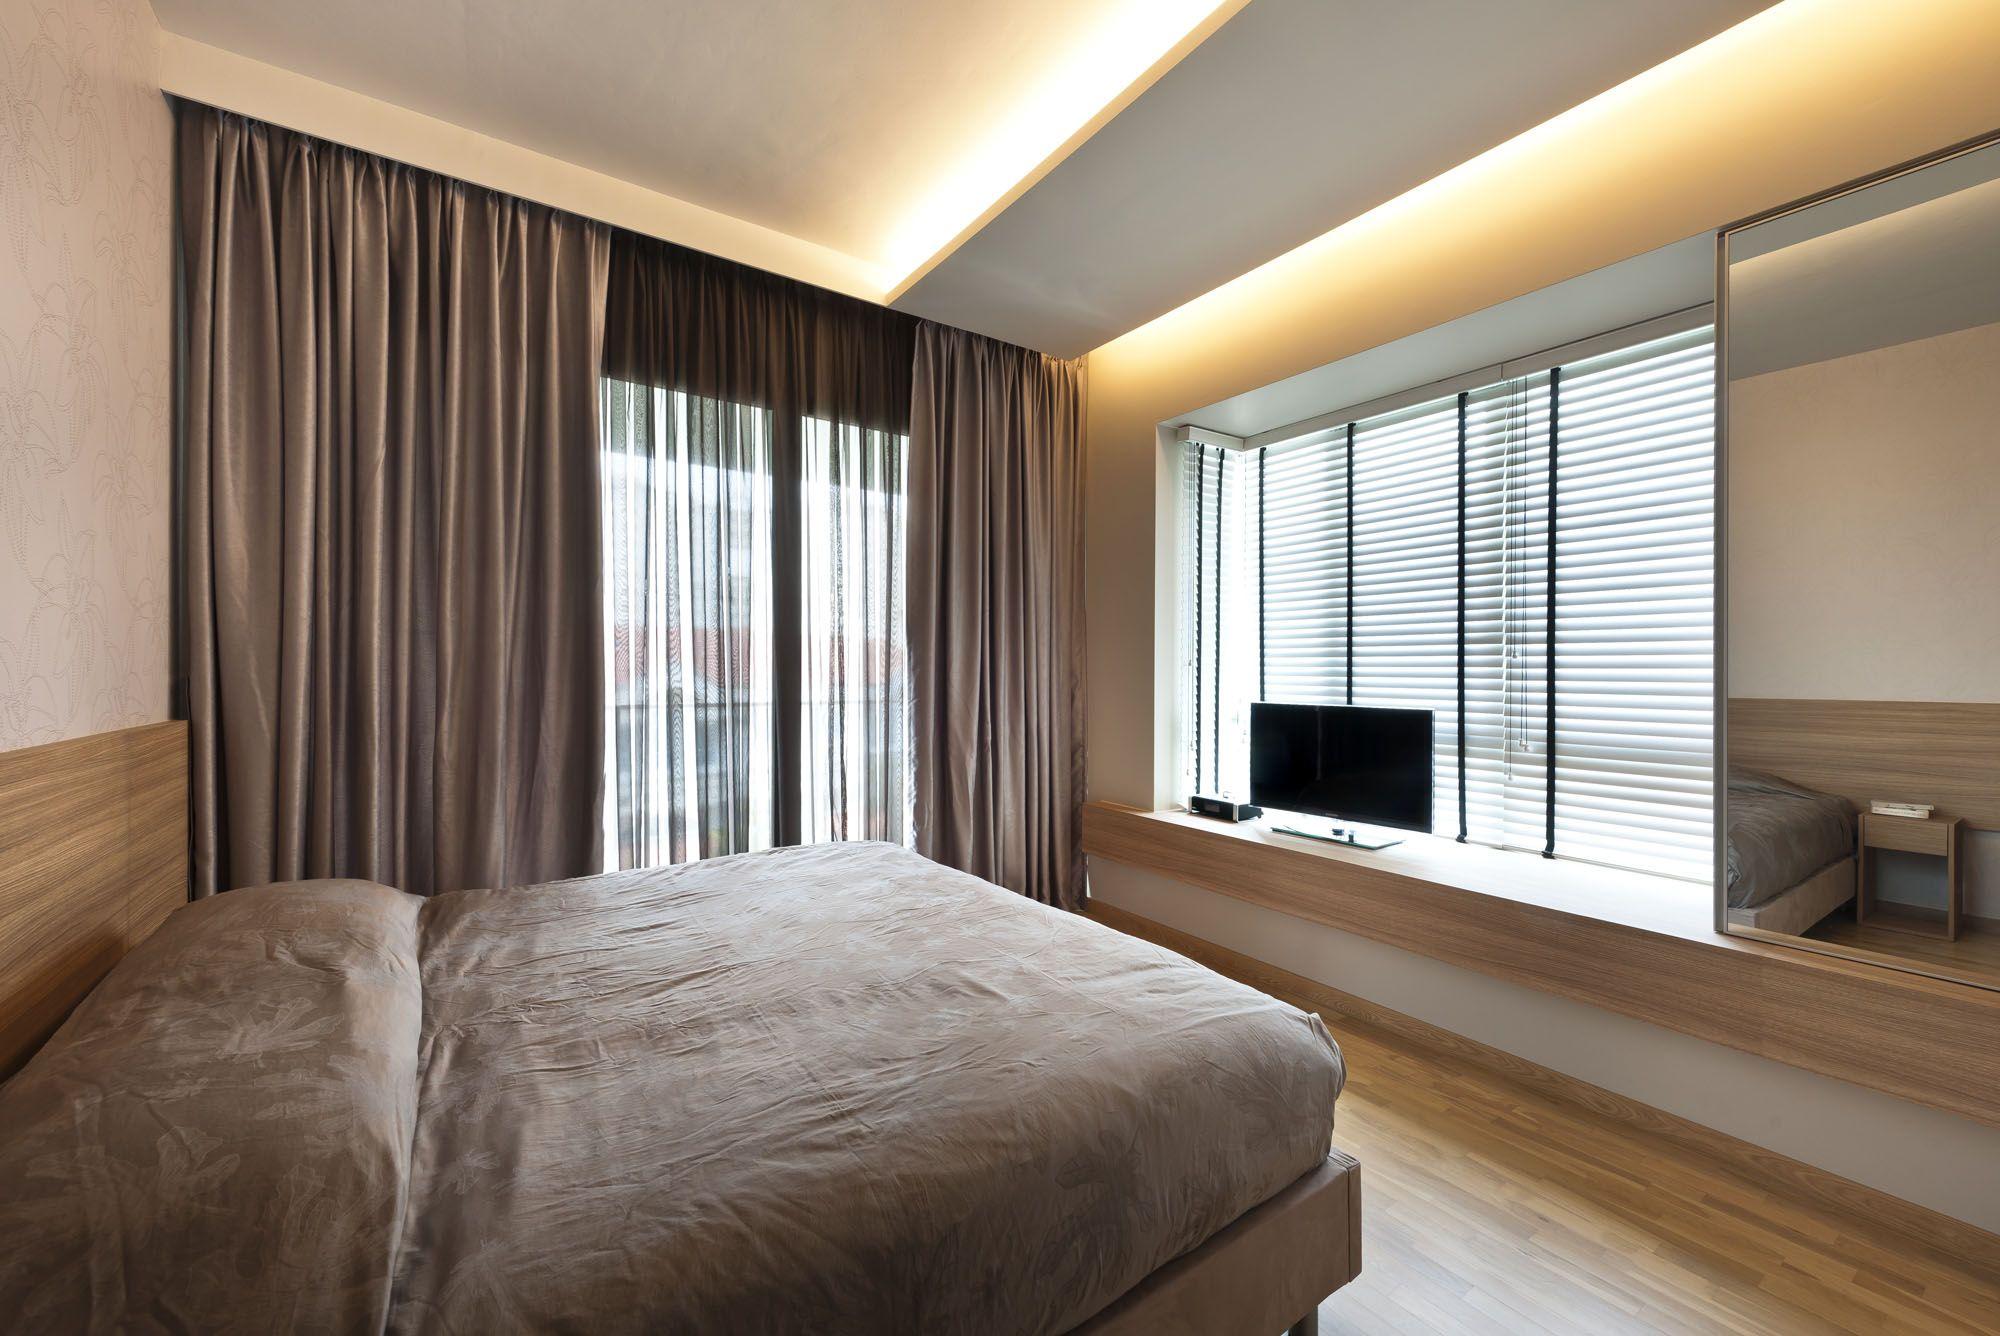 спальня площадью 5 на 5 метров оформление